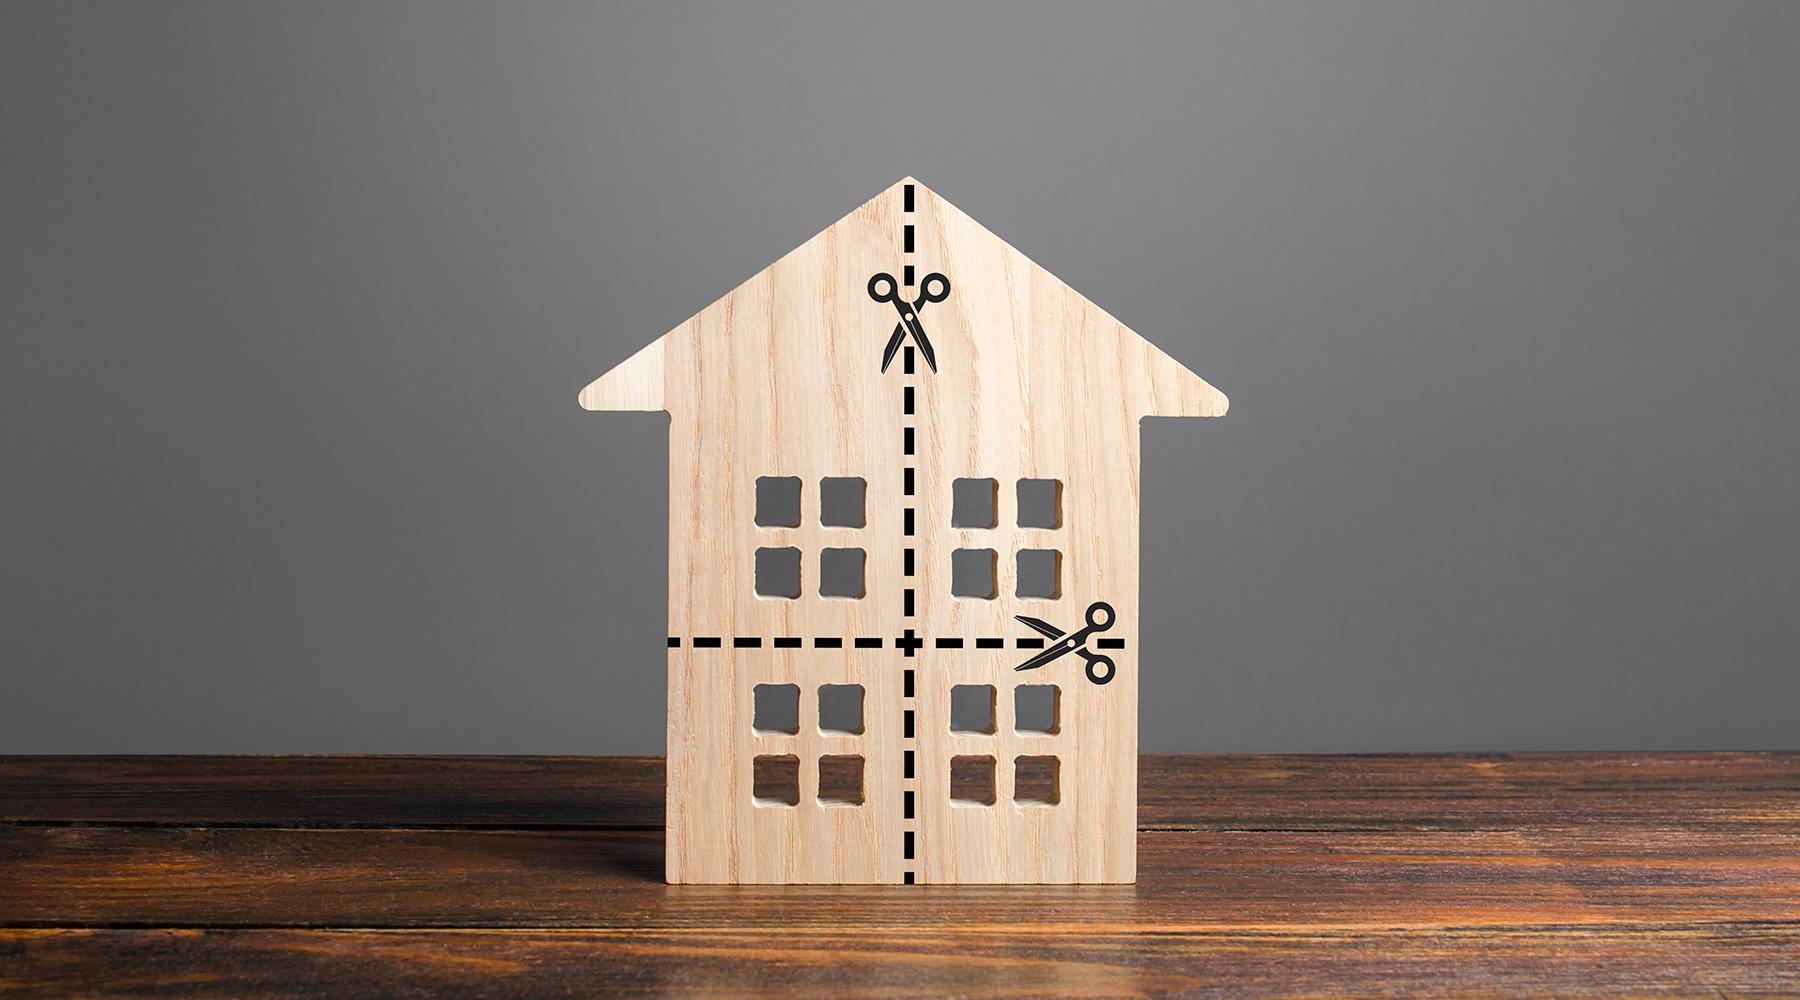 Piccolo condominio: applicabilità della normativa generale e informazione agli altri condomini circa il cambio di proprietà di un immobile